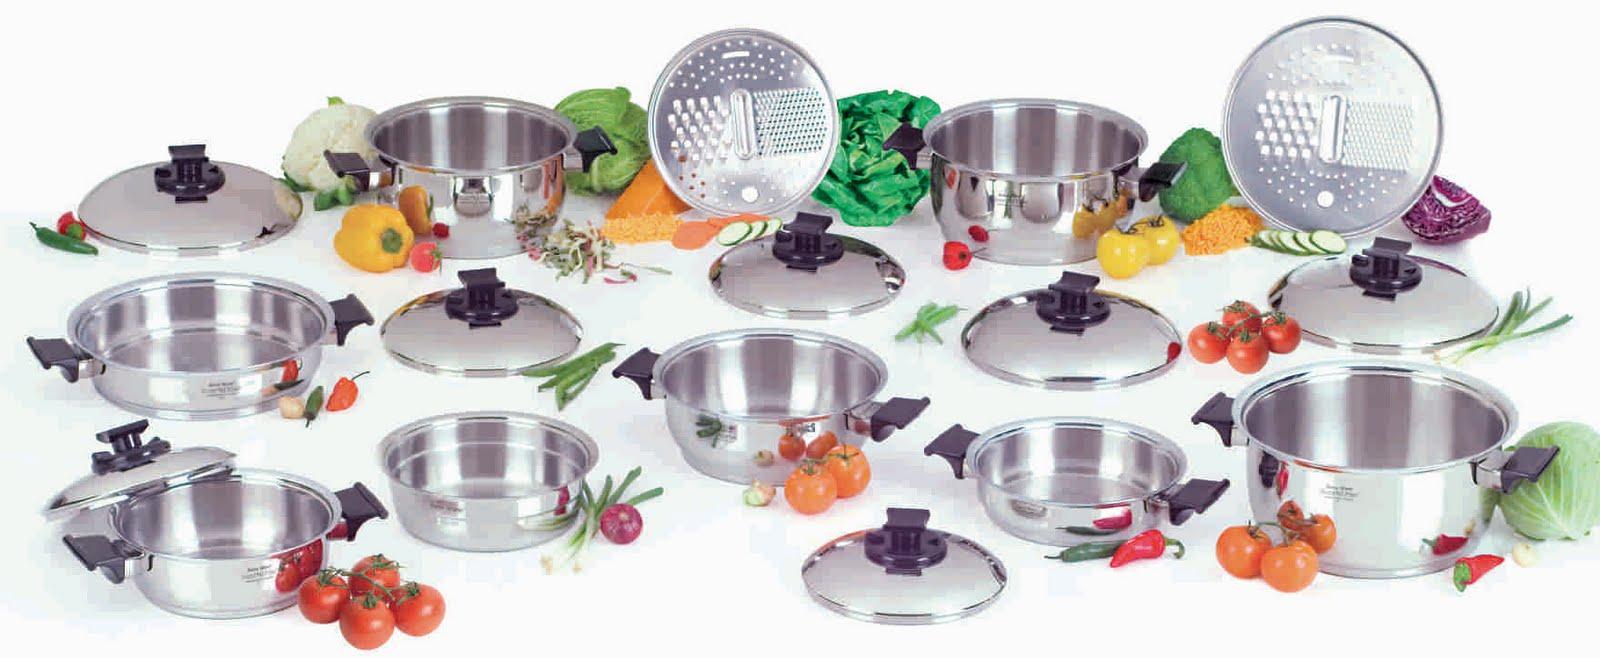 Cocine alimentos saludables nuestros famosos productos for Precios de utensilios de cocina rena ware